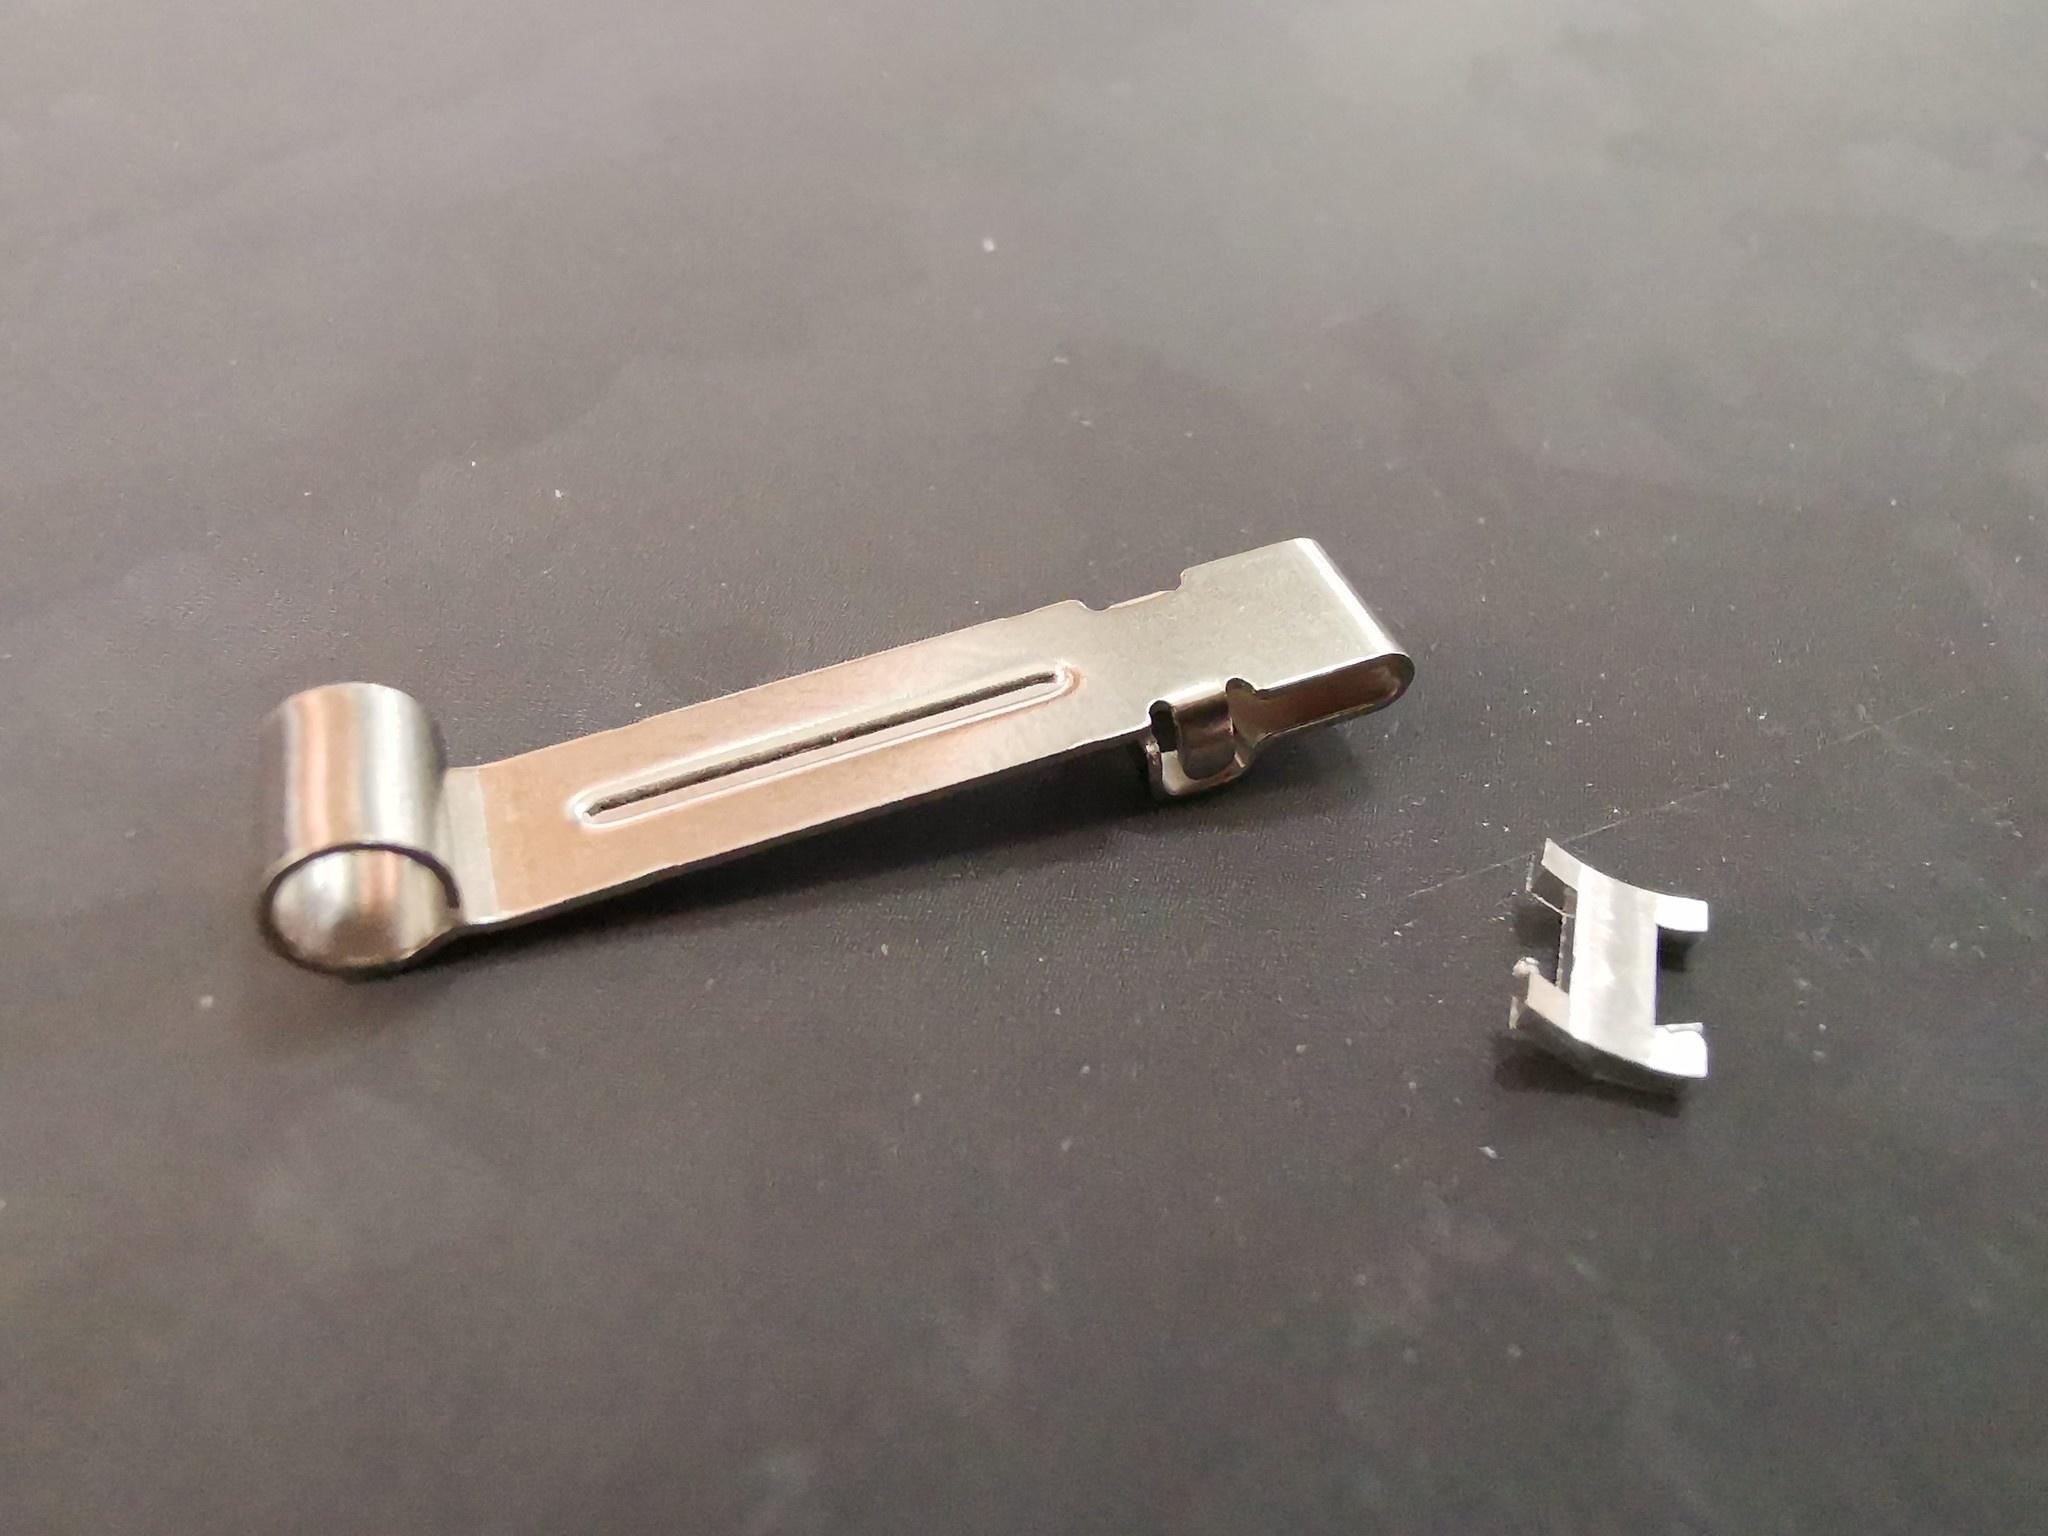 """Maple Leaf Maple Leaf VSR Hop Up """"Spring Tension"""" Adjustment Lever With I-Key for VSR-10"""